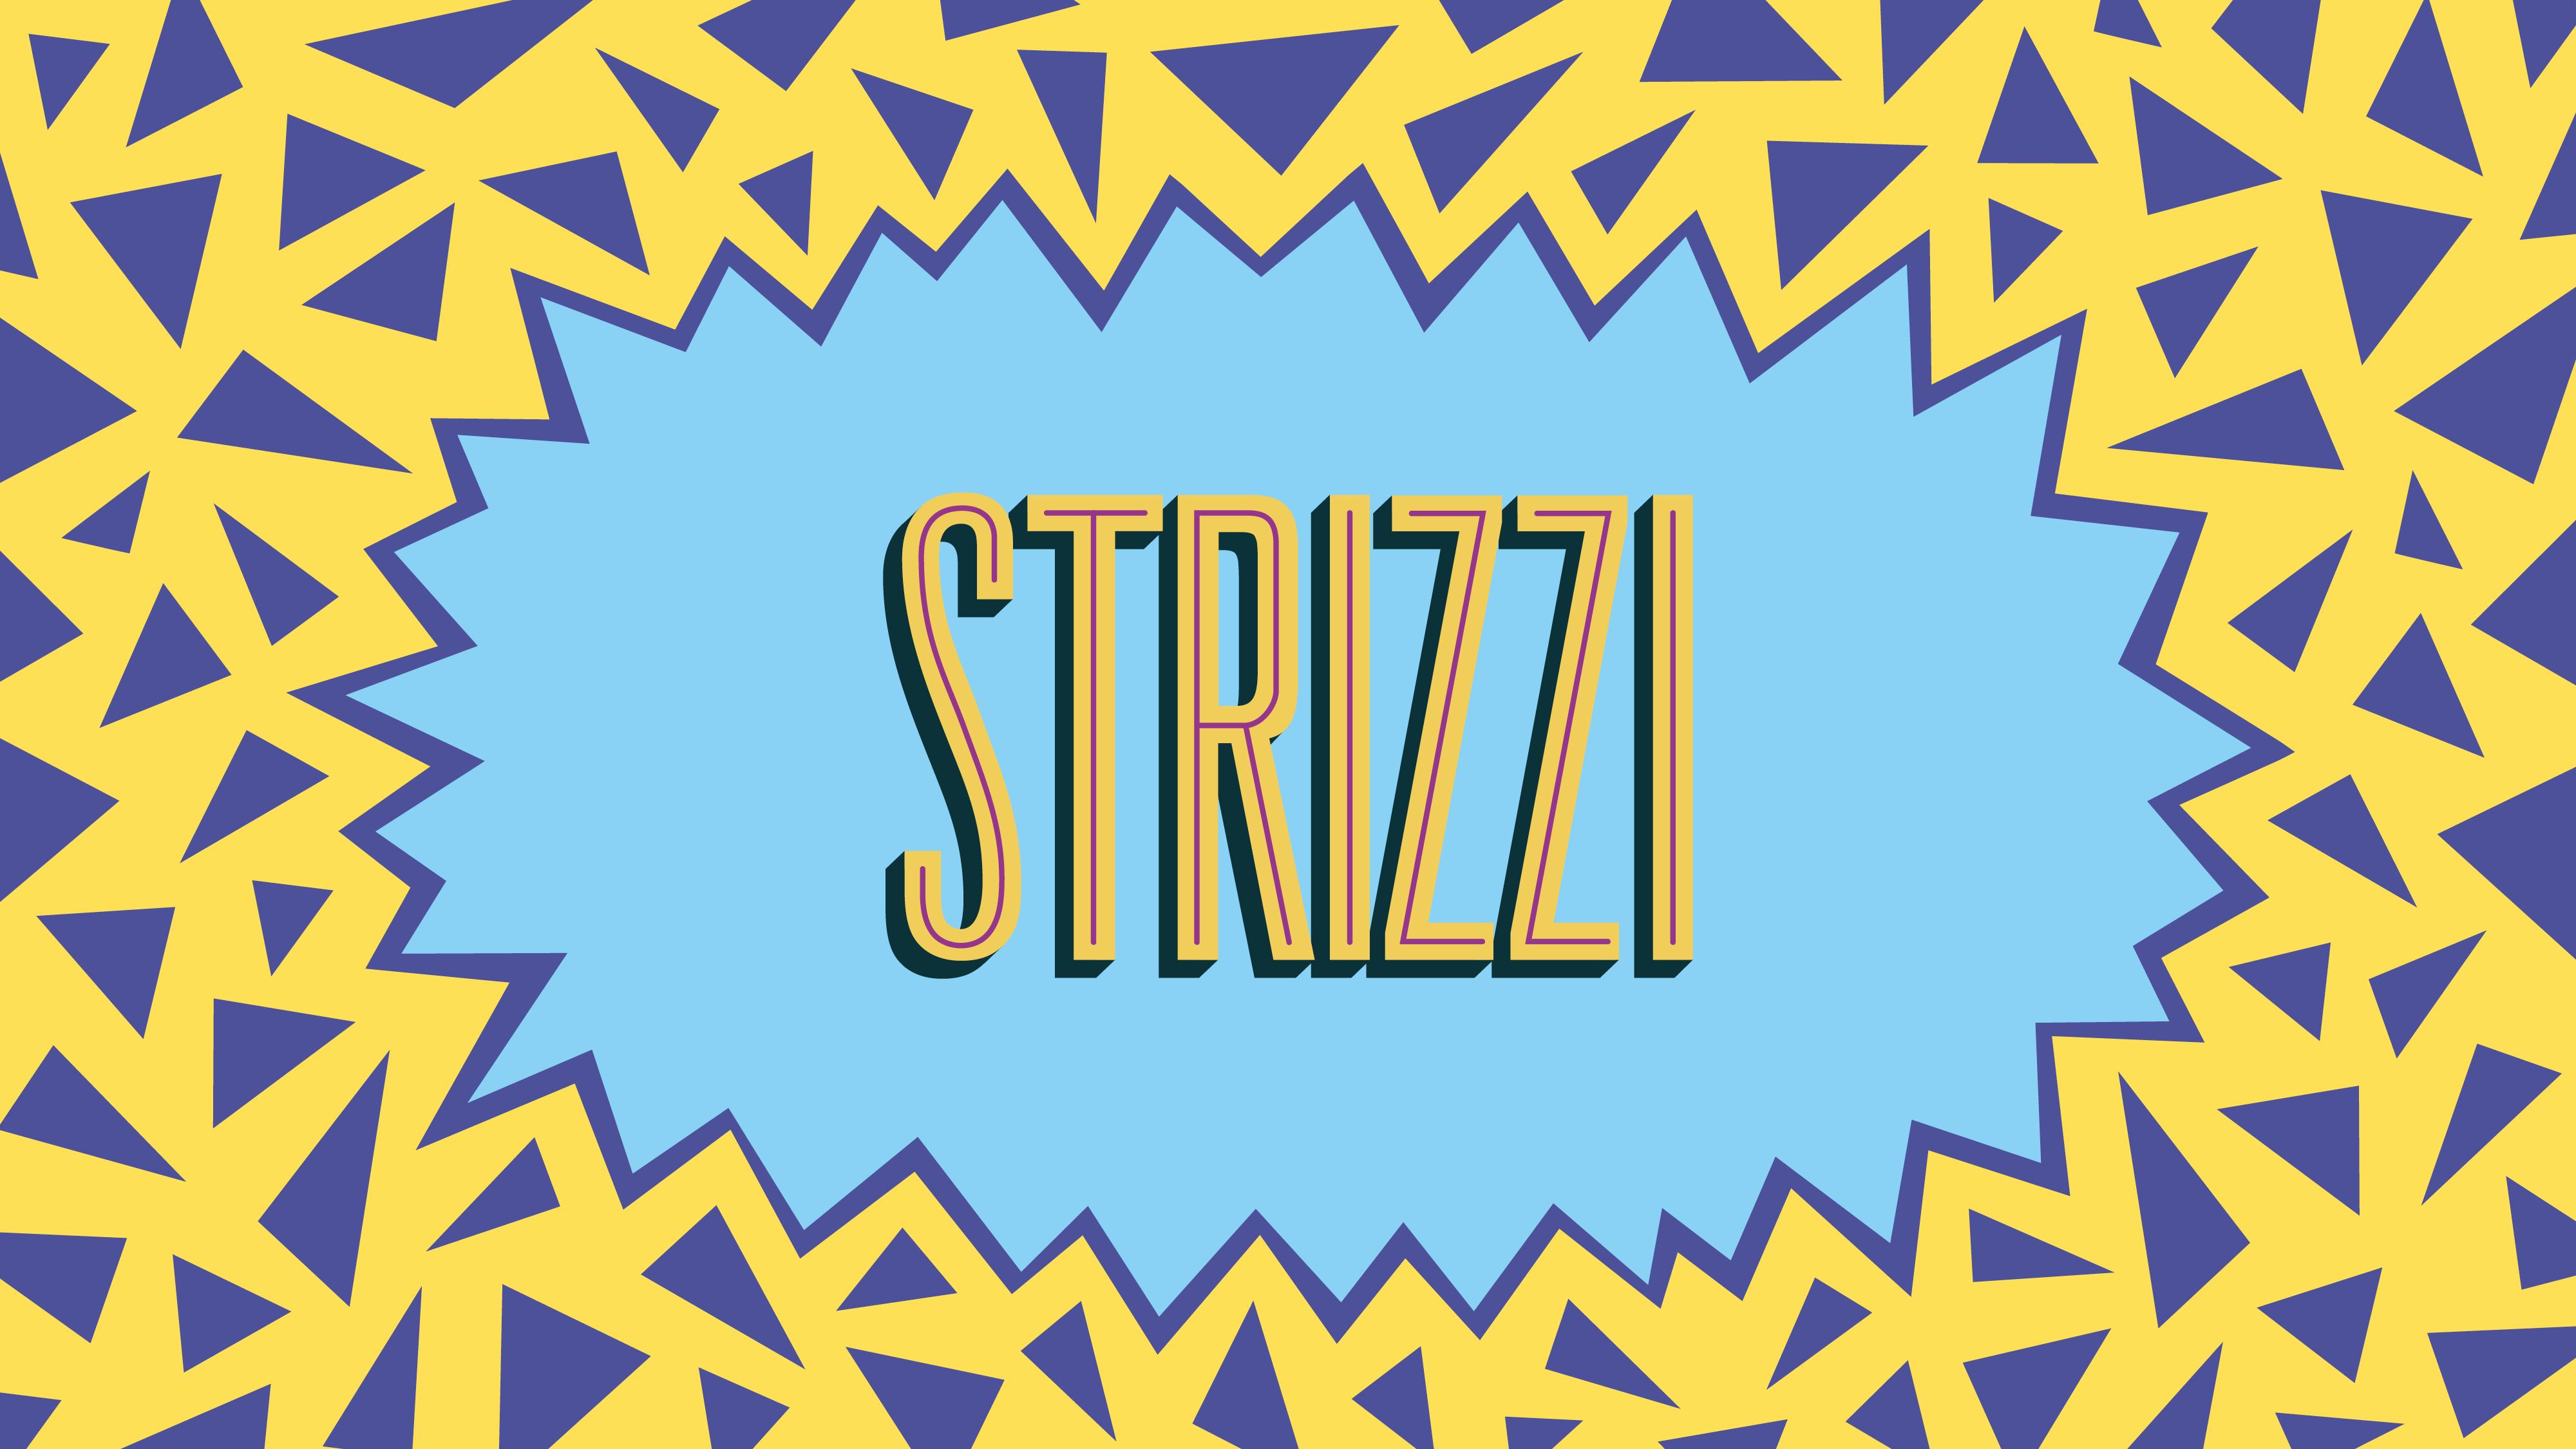 Ref Strizzi 1 Header